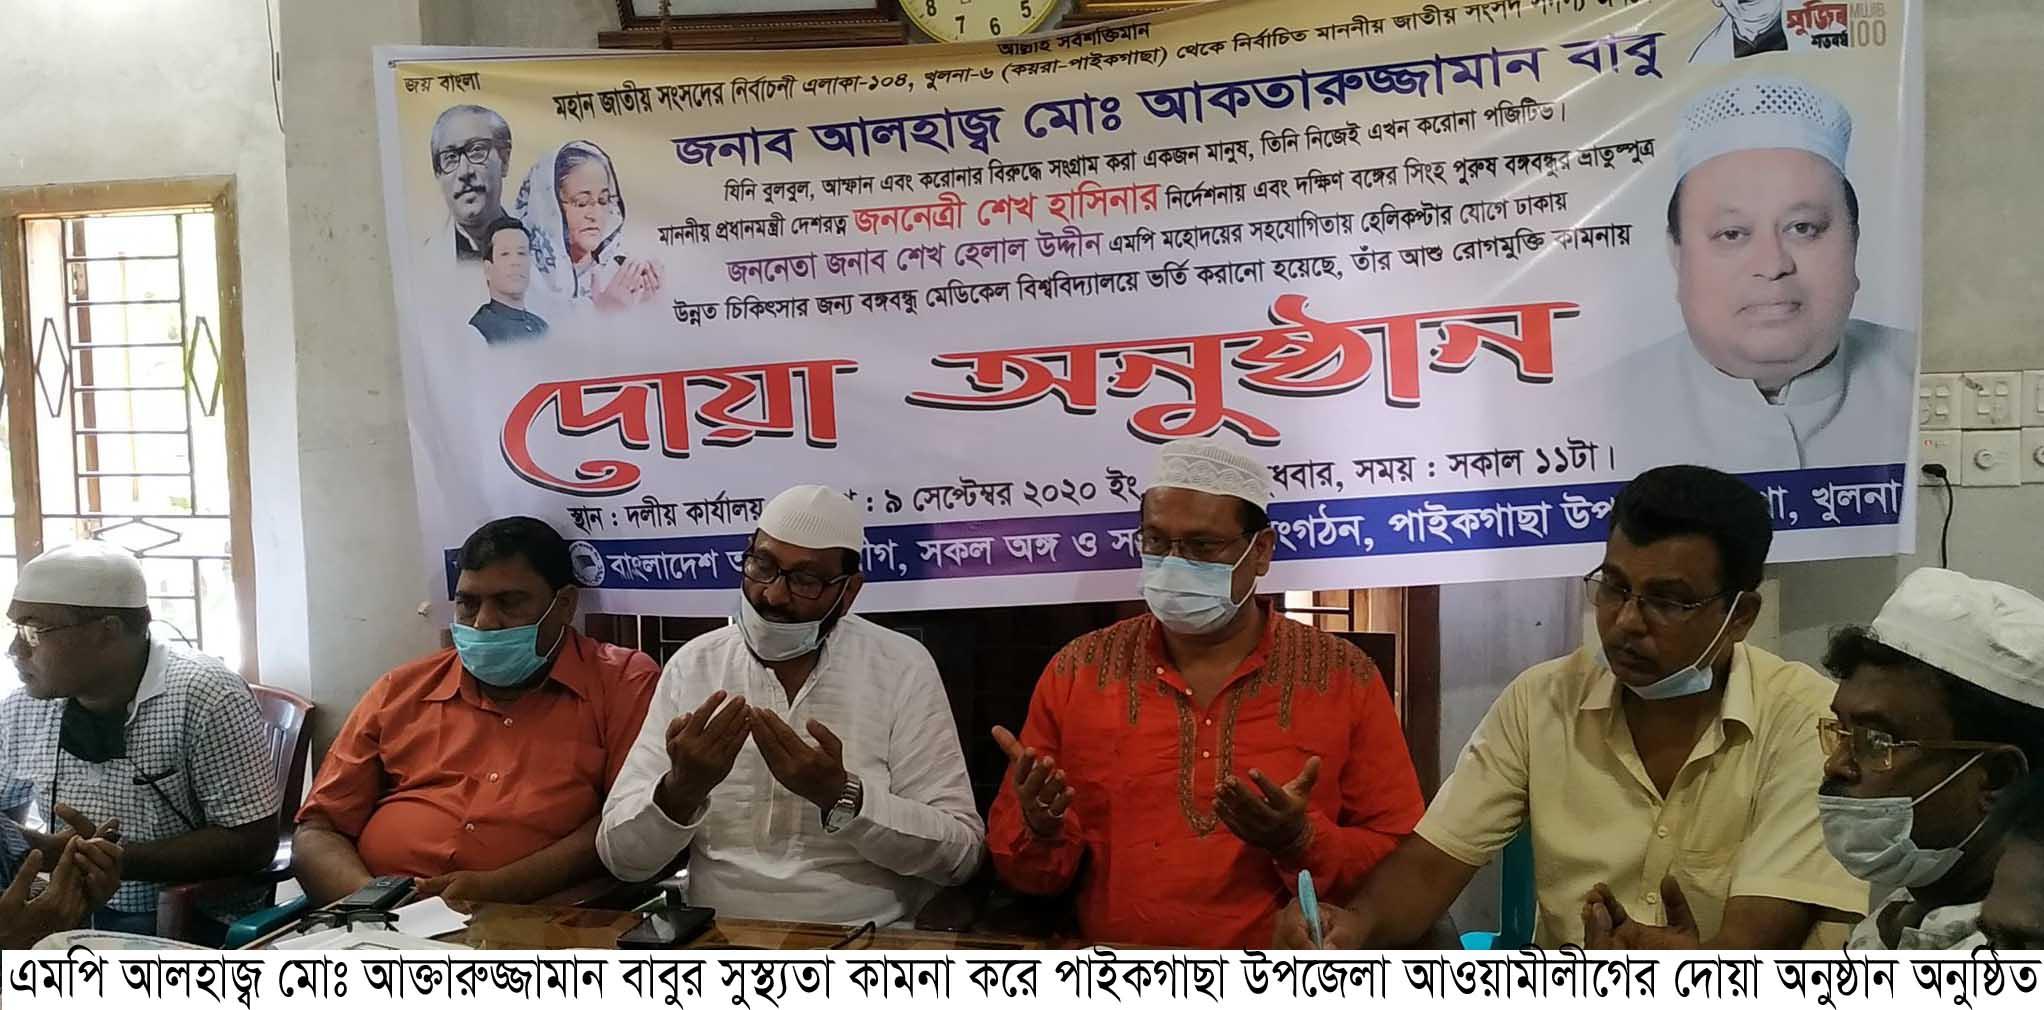 পাইকগাছায় এমপি বাবু'র সুস্থ্যতা কামনা করে দোয়া মাহফিল অনুষ্ঠিত